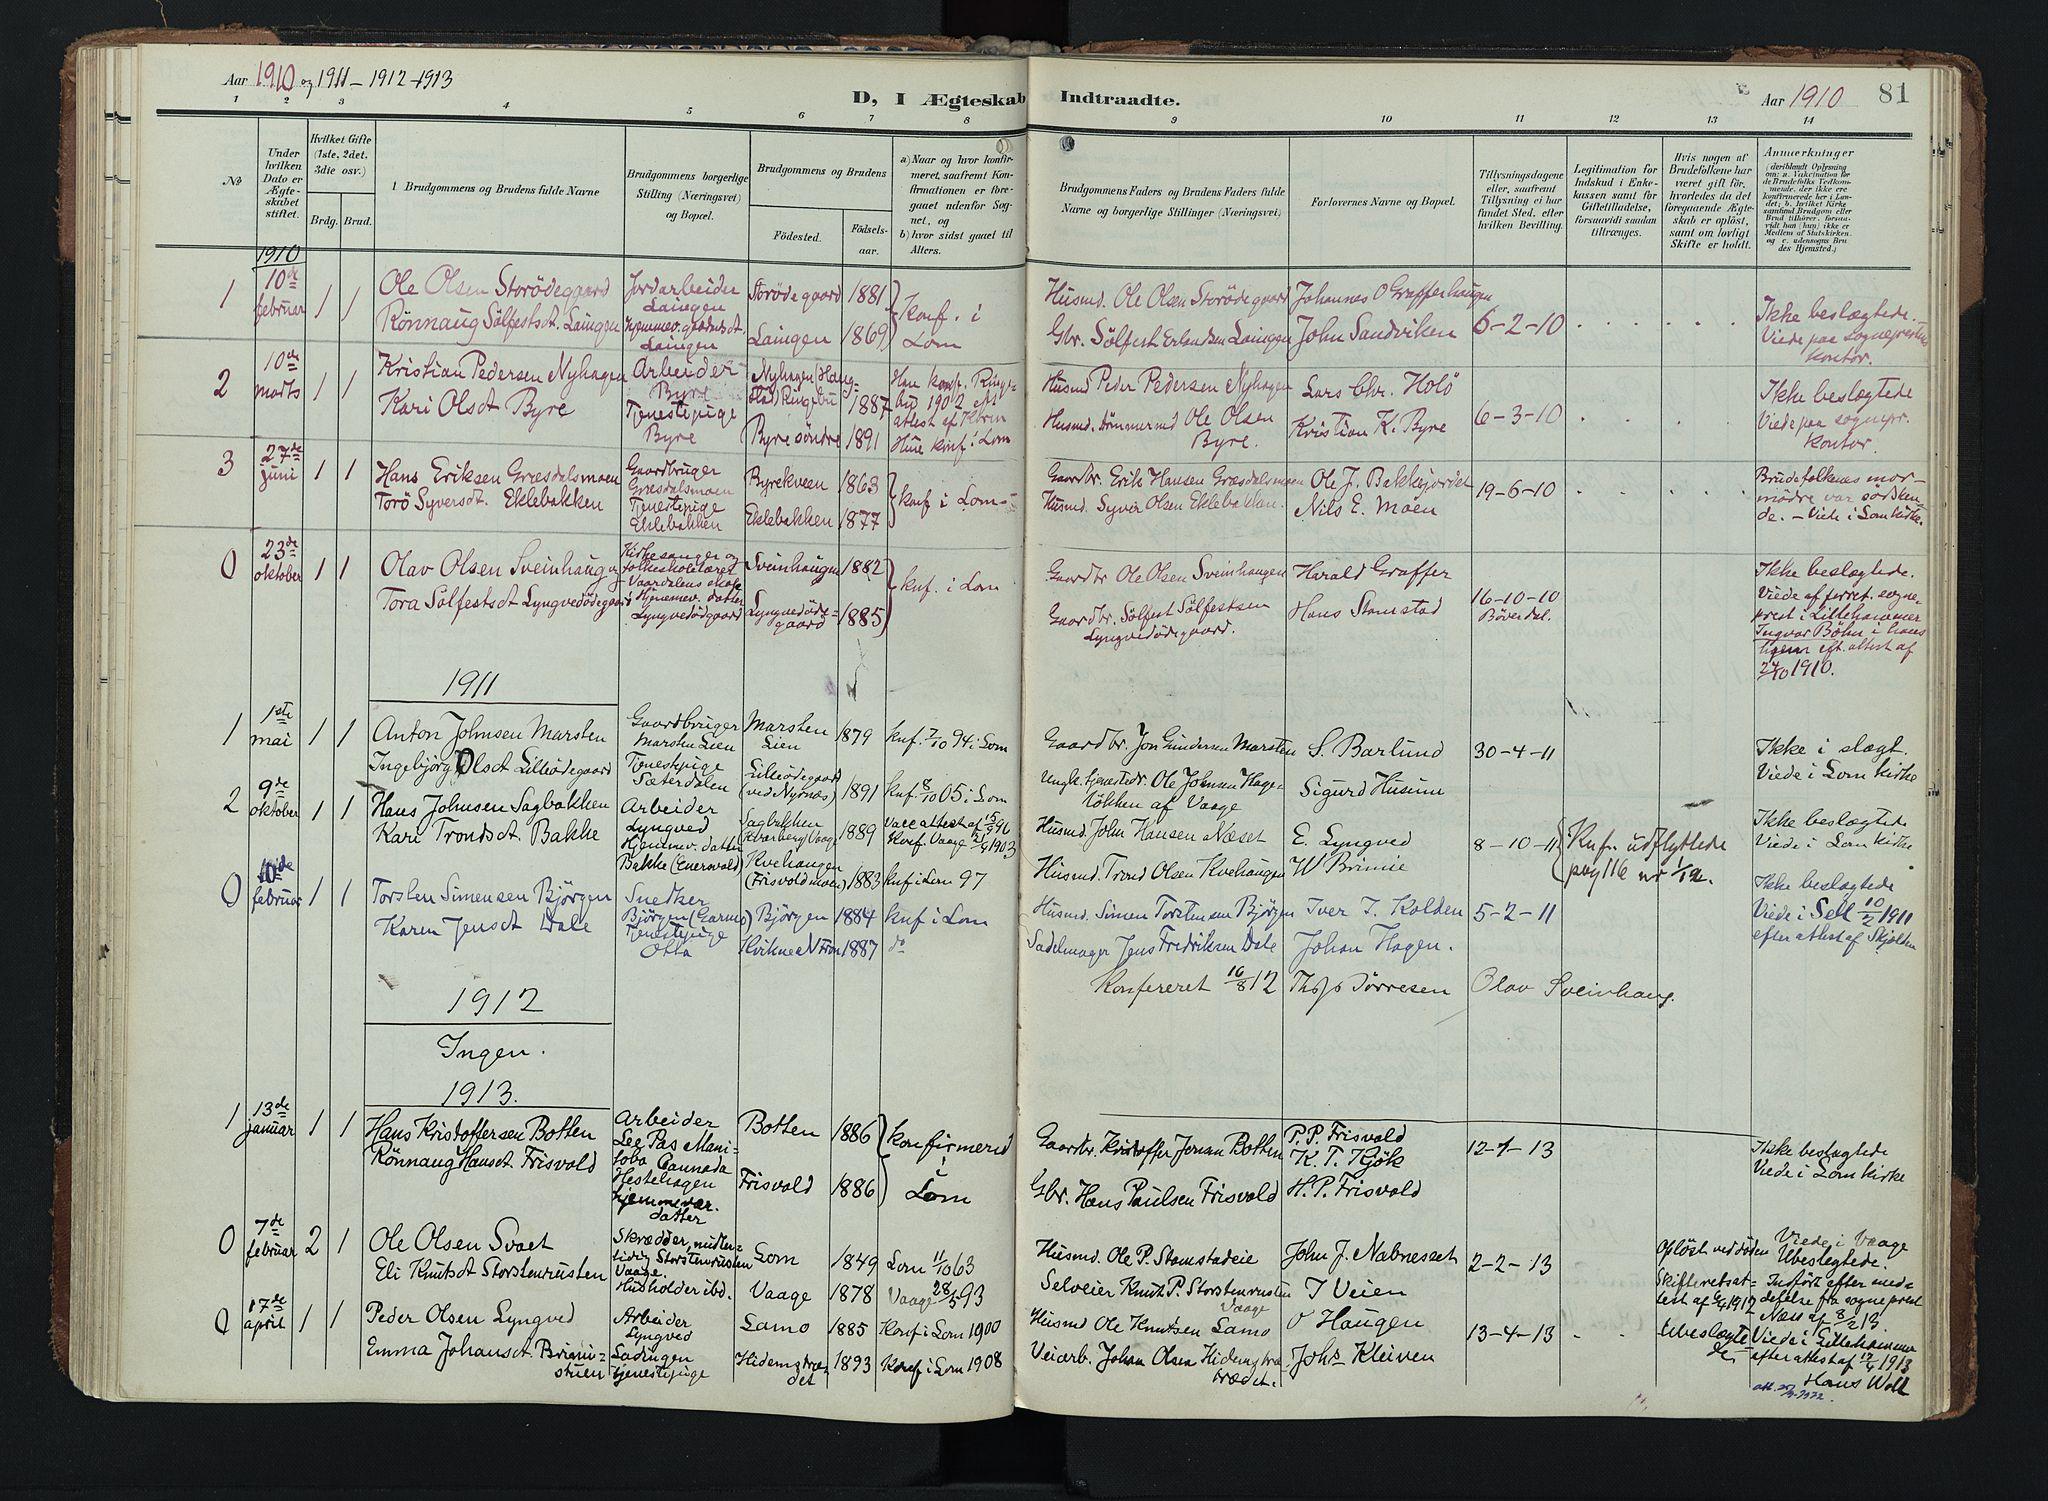 SAH, Lom prestekontor, K/L0011: Ministerialbok nr. 11, 1904-1928, s. 81